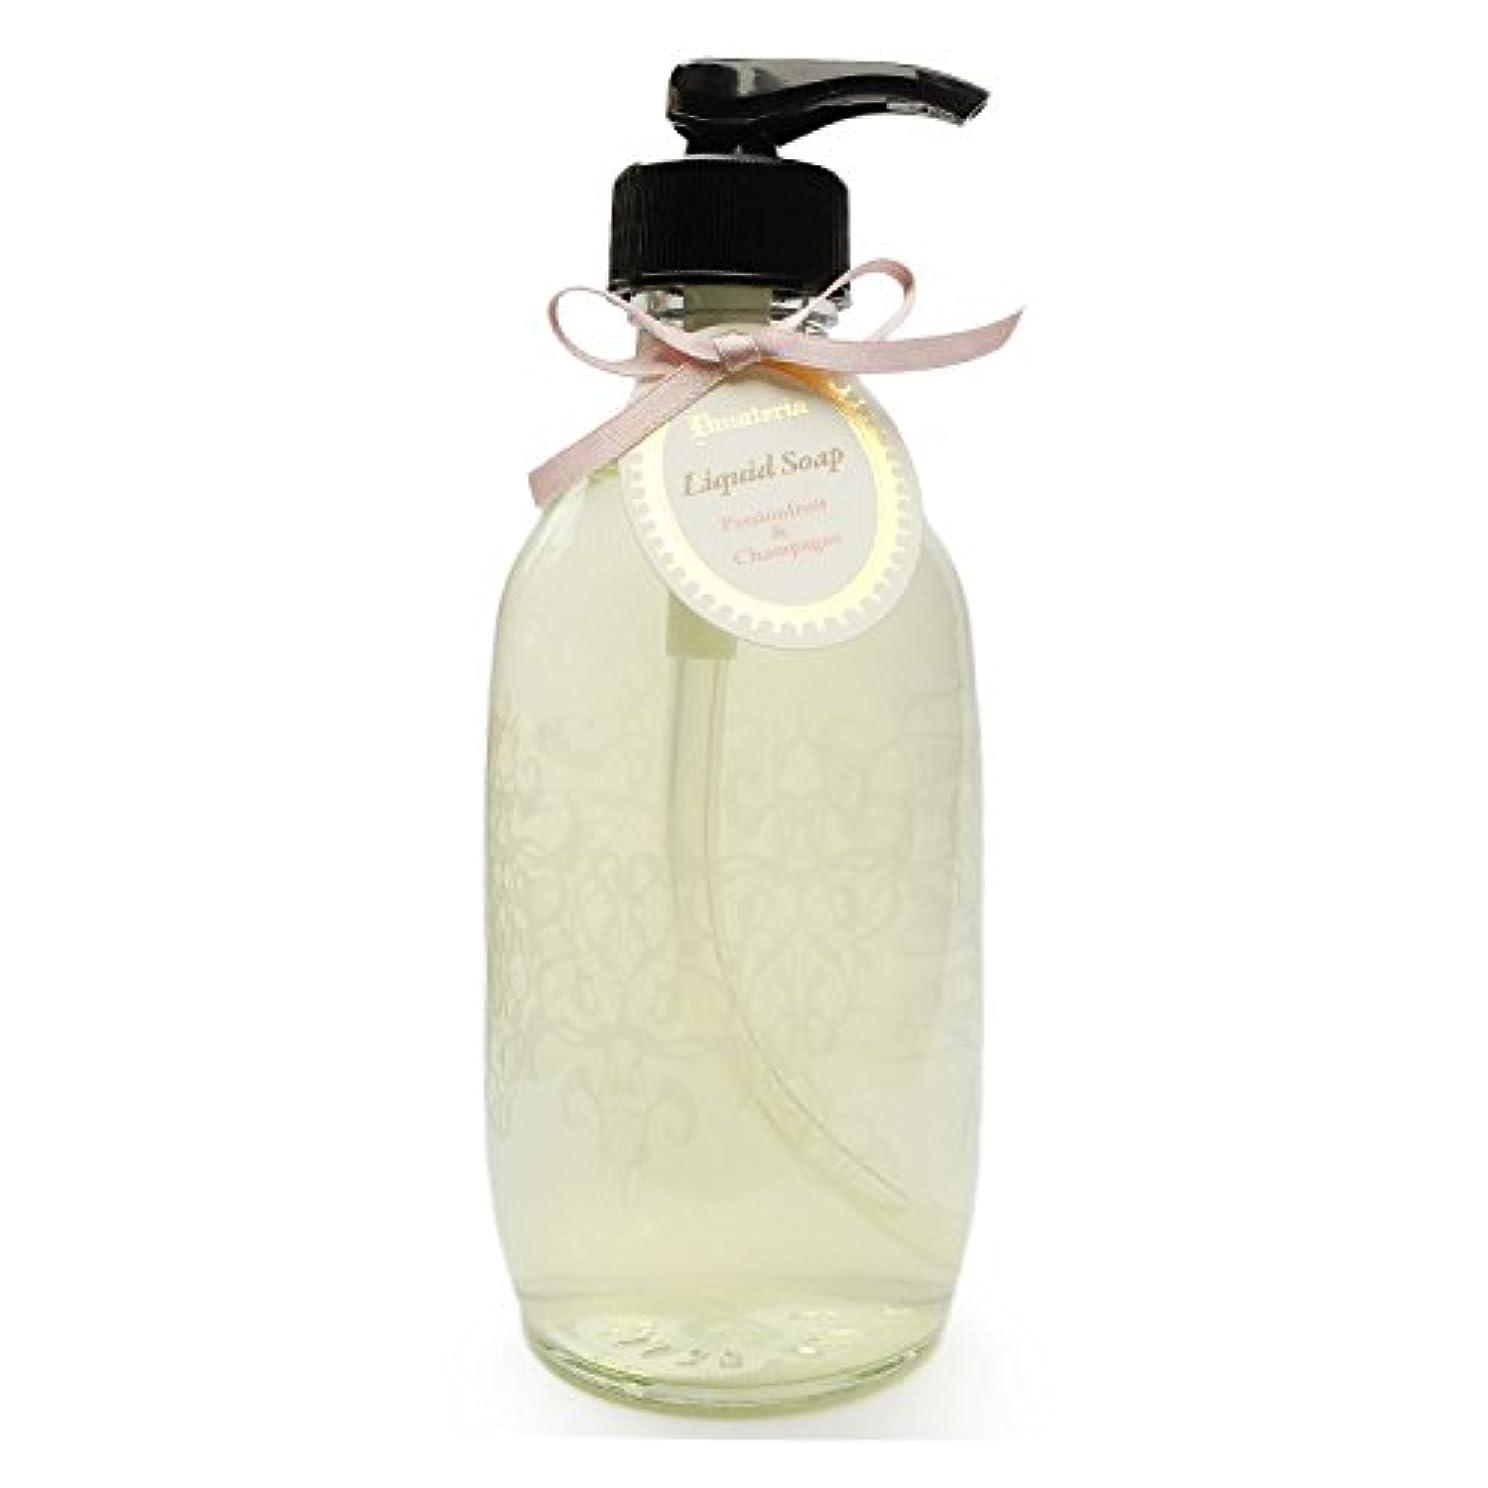 潮暴徒組み込むD materia リキッドソープ パッションフルーツ&シャンパン Passionfruit&Champagne Liquid Soap ディーマテリア